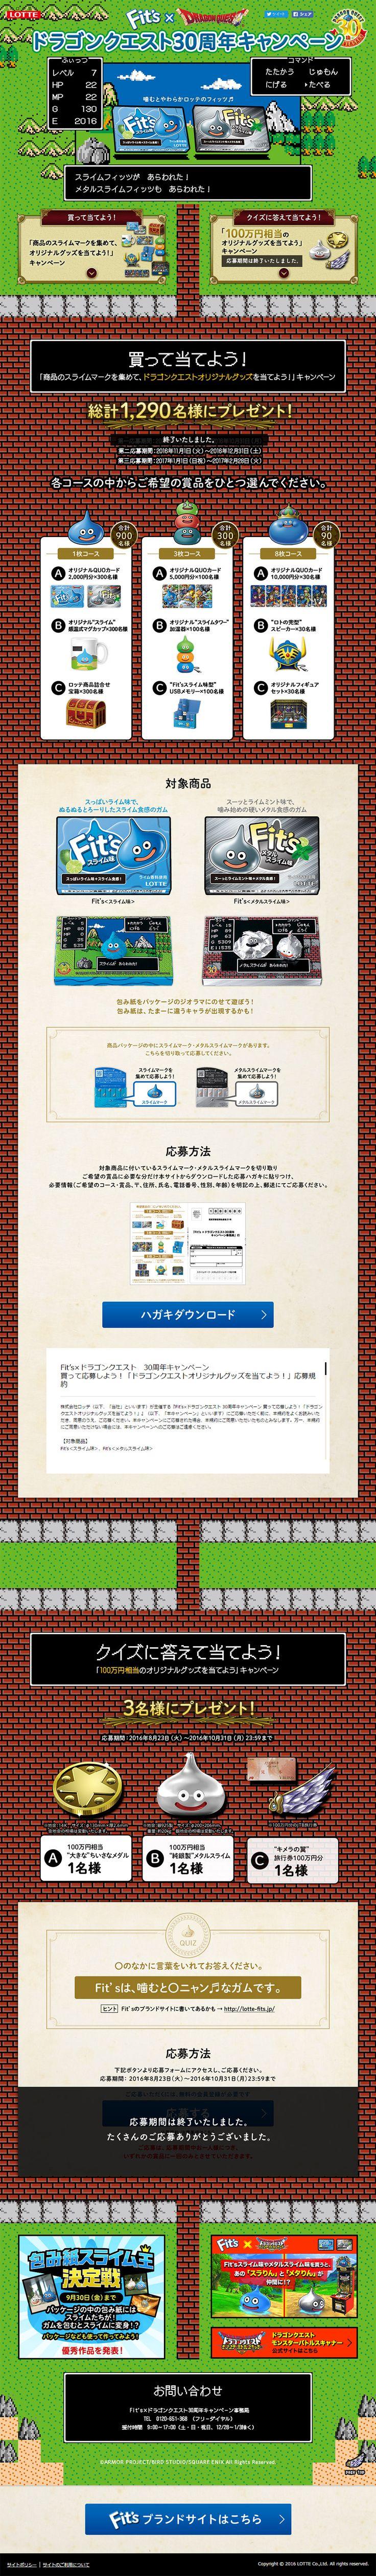 ドラゴンクエスト30周年キャンペーン【食品関連】のLPデザイン。WEBデザイナーさん必見!ランディングページのデザイン参考に(アート・芸術系)